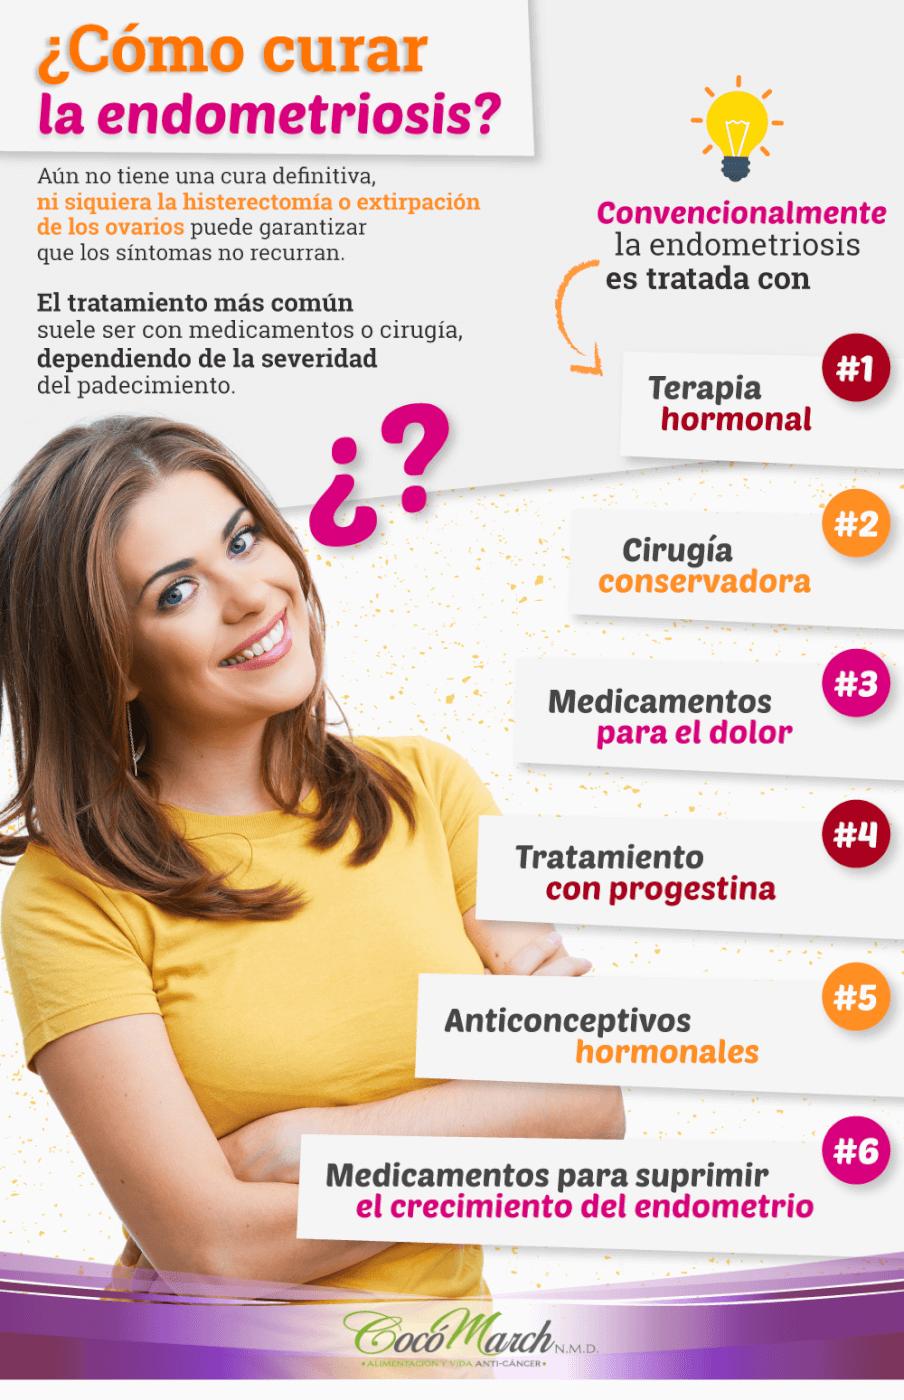 cómo-curar-la-endometriosis